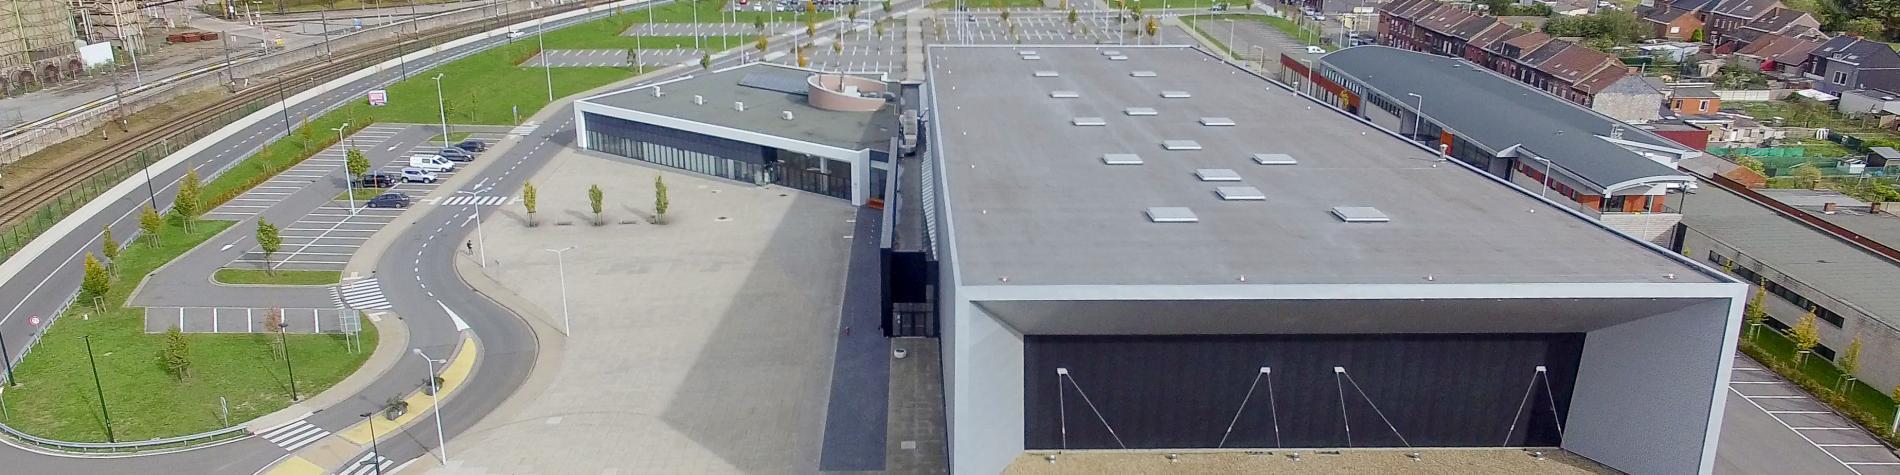 Location de salles écologique moder avec grand espace modulable et salles de réunion avec lumière du jour chez Louvexpo à La Louvière en Wallonie